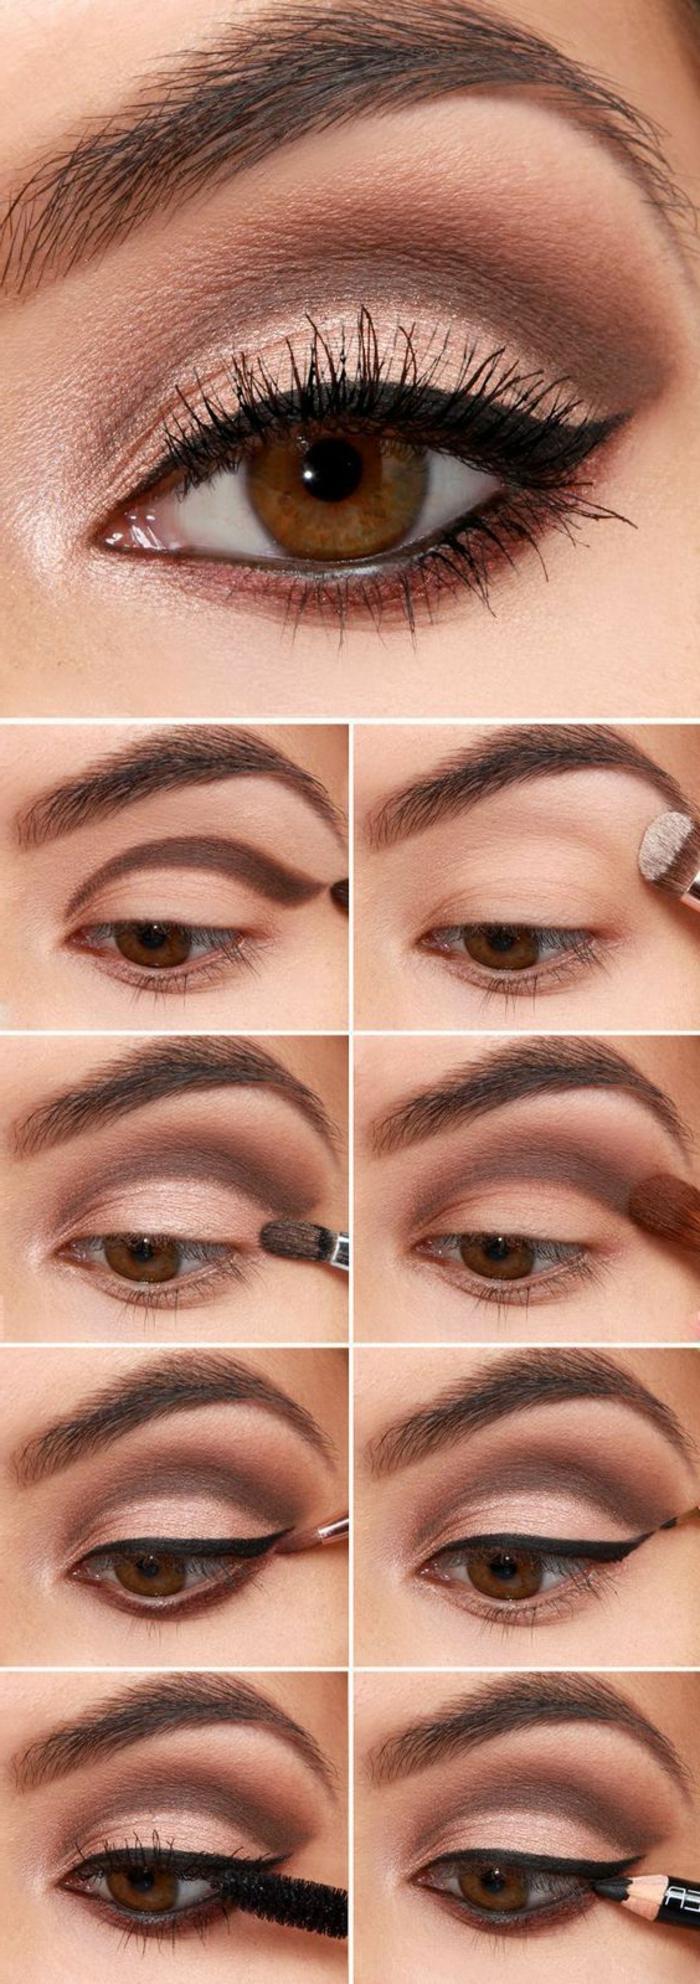 comment appliquer crayon contour des yeux